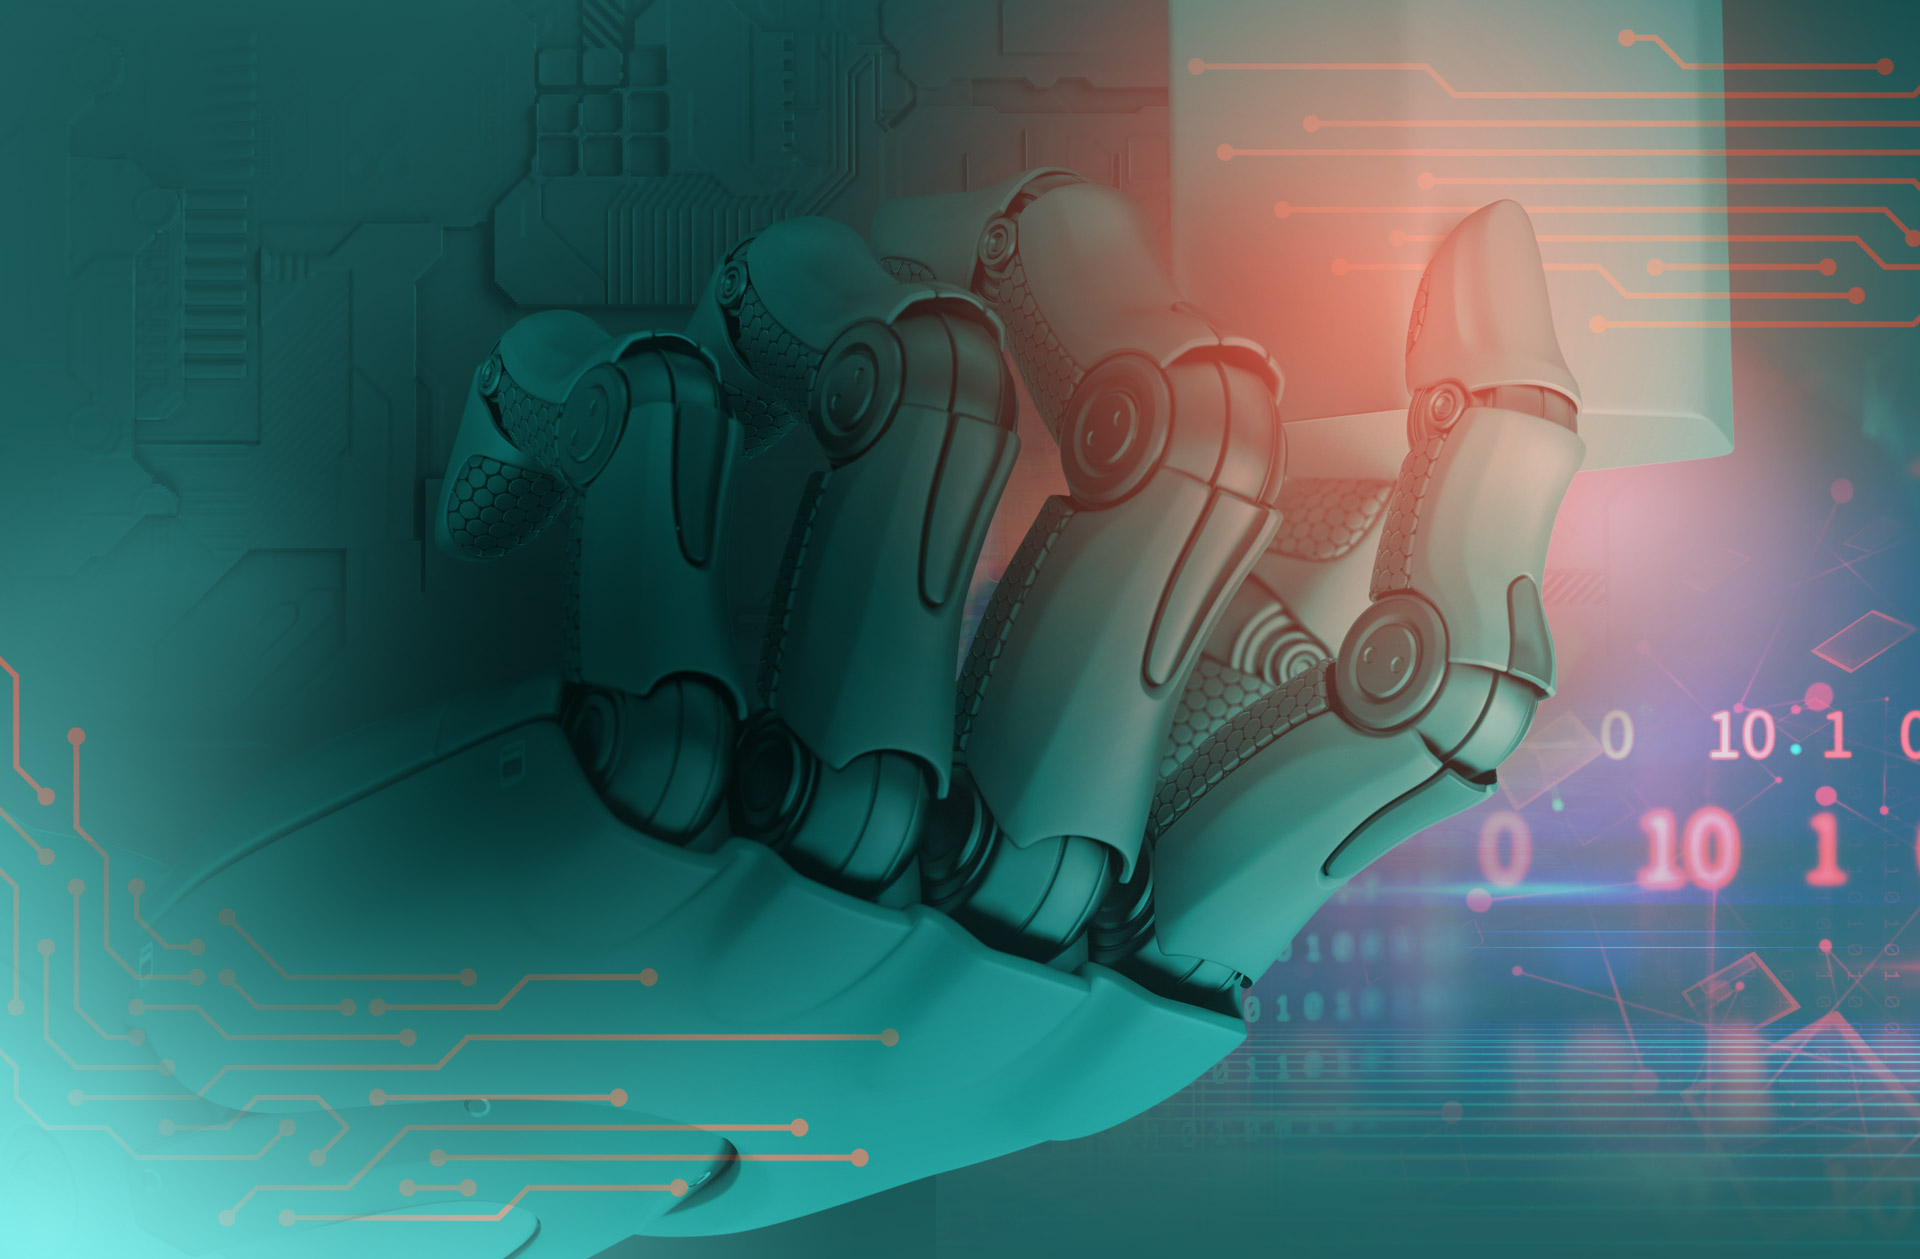 LD-Robotics-Hubspot_1920x1259[1]-1